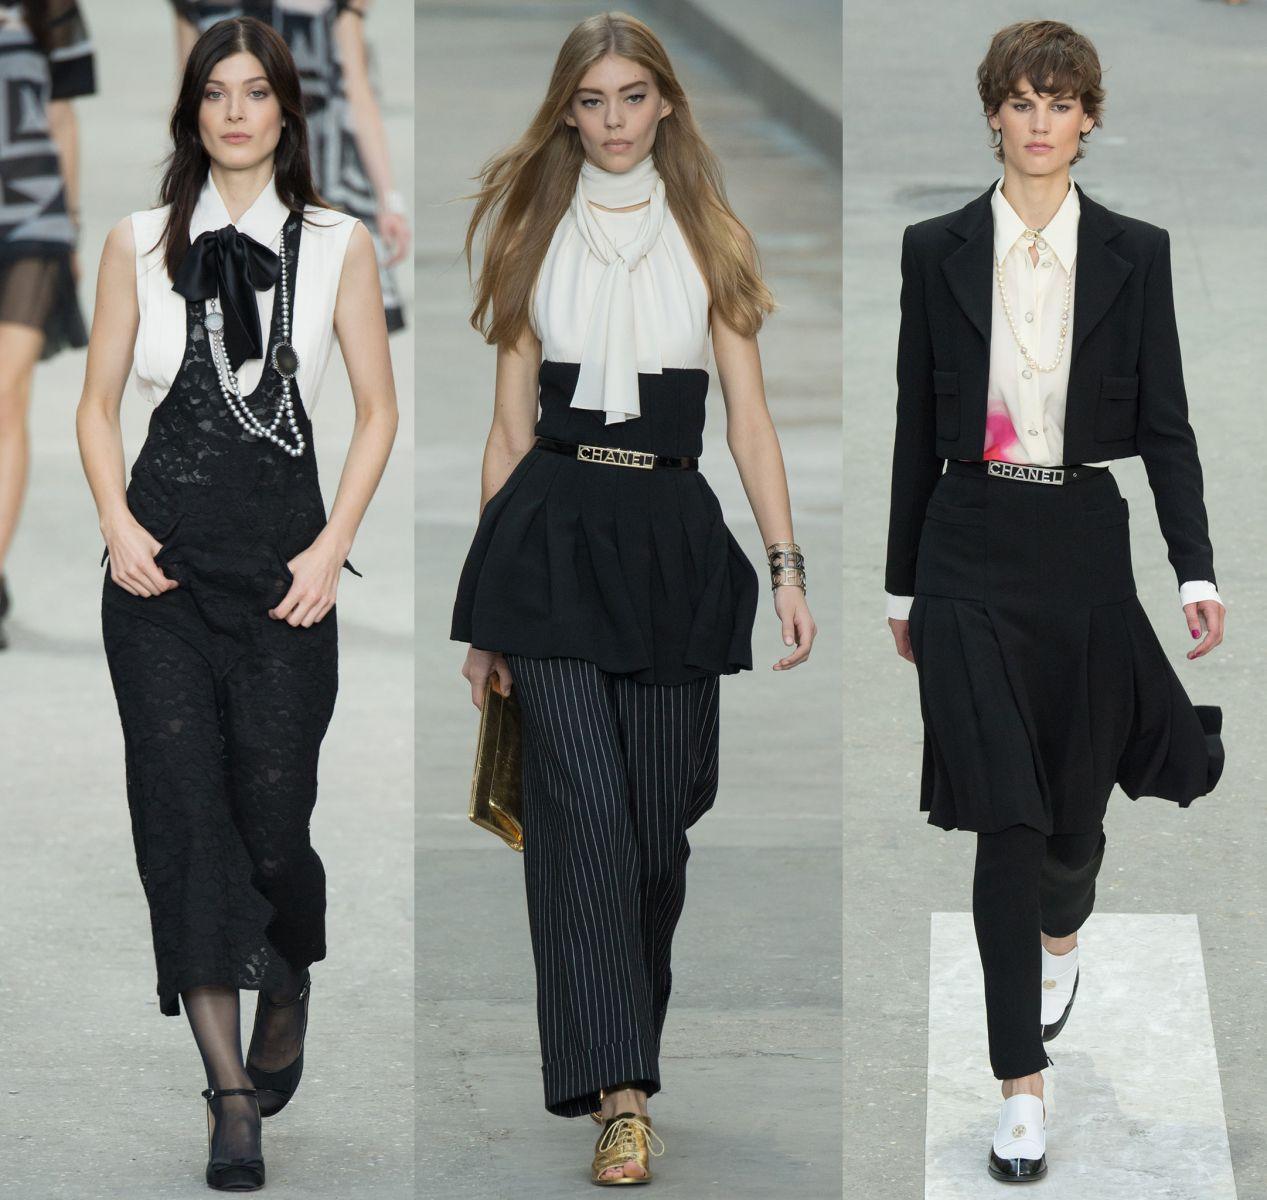 Черно-белые комплекты Chanel - фото №1